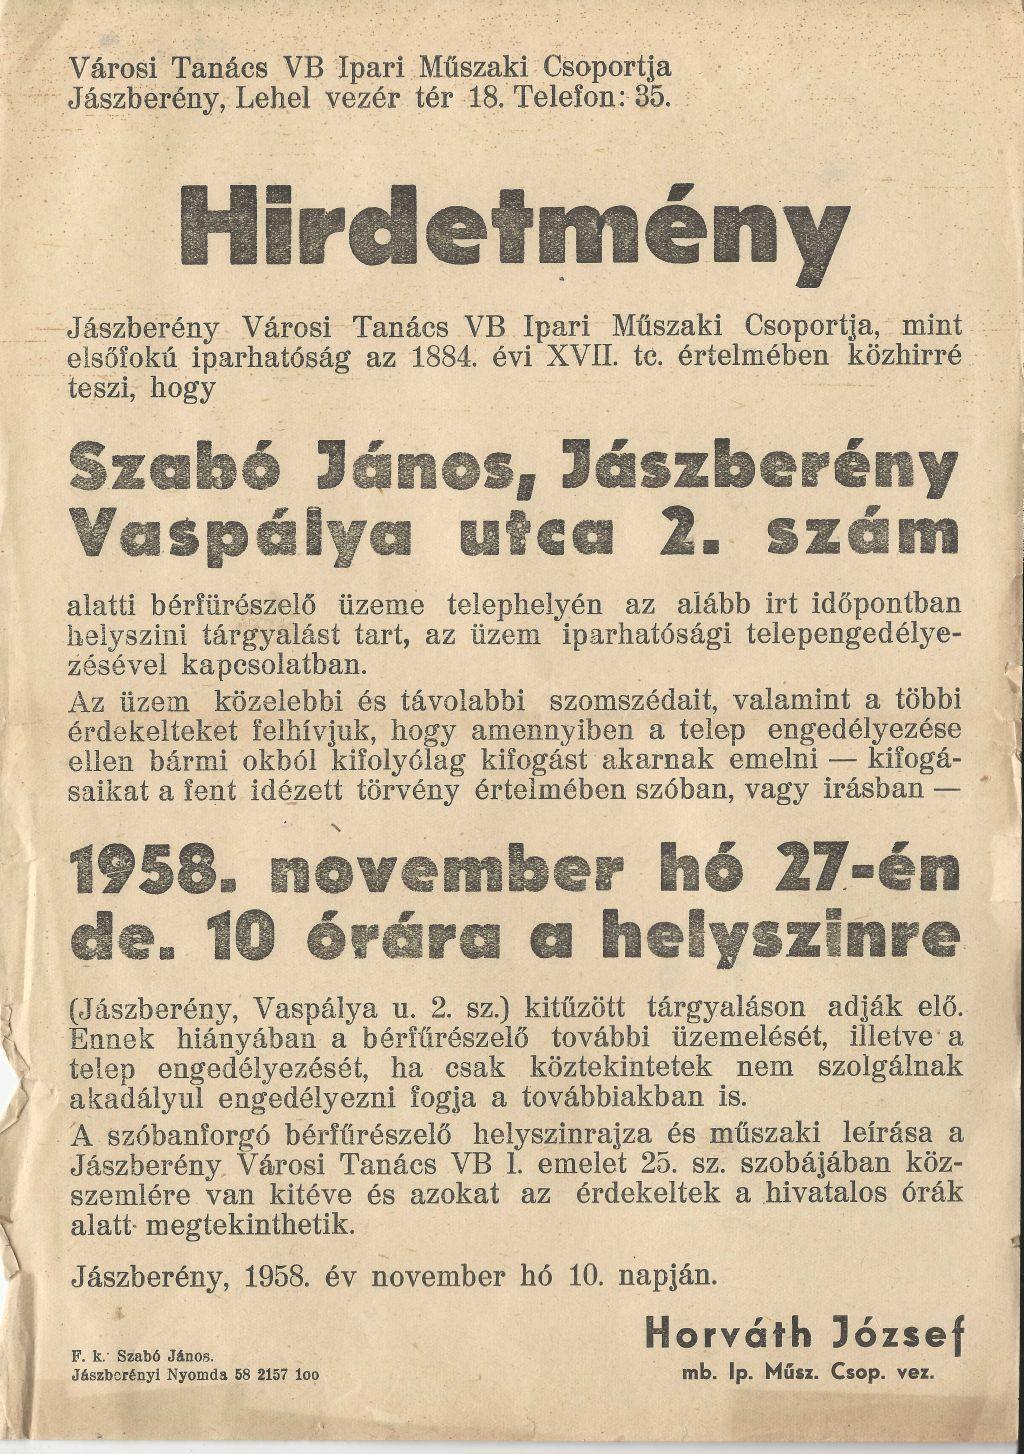 Jászberény Városi Tanács VB Ipari Műszaki Csoportjának hirdetménye